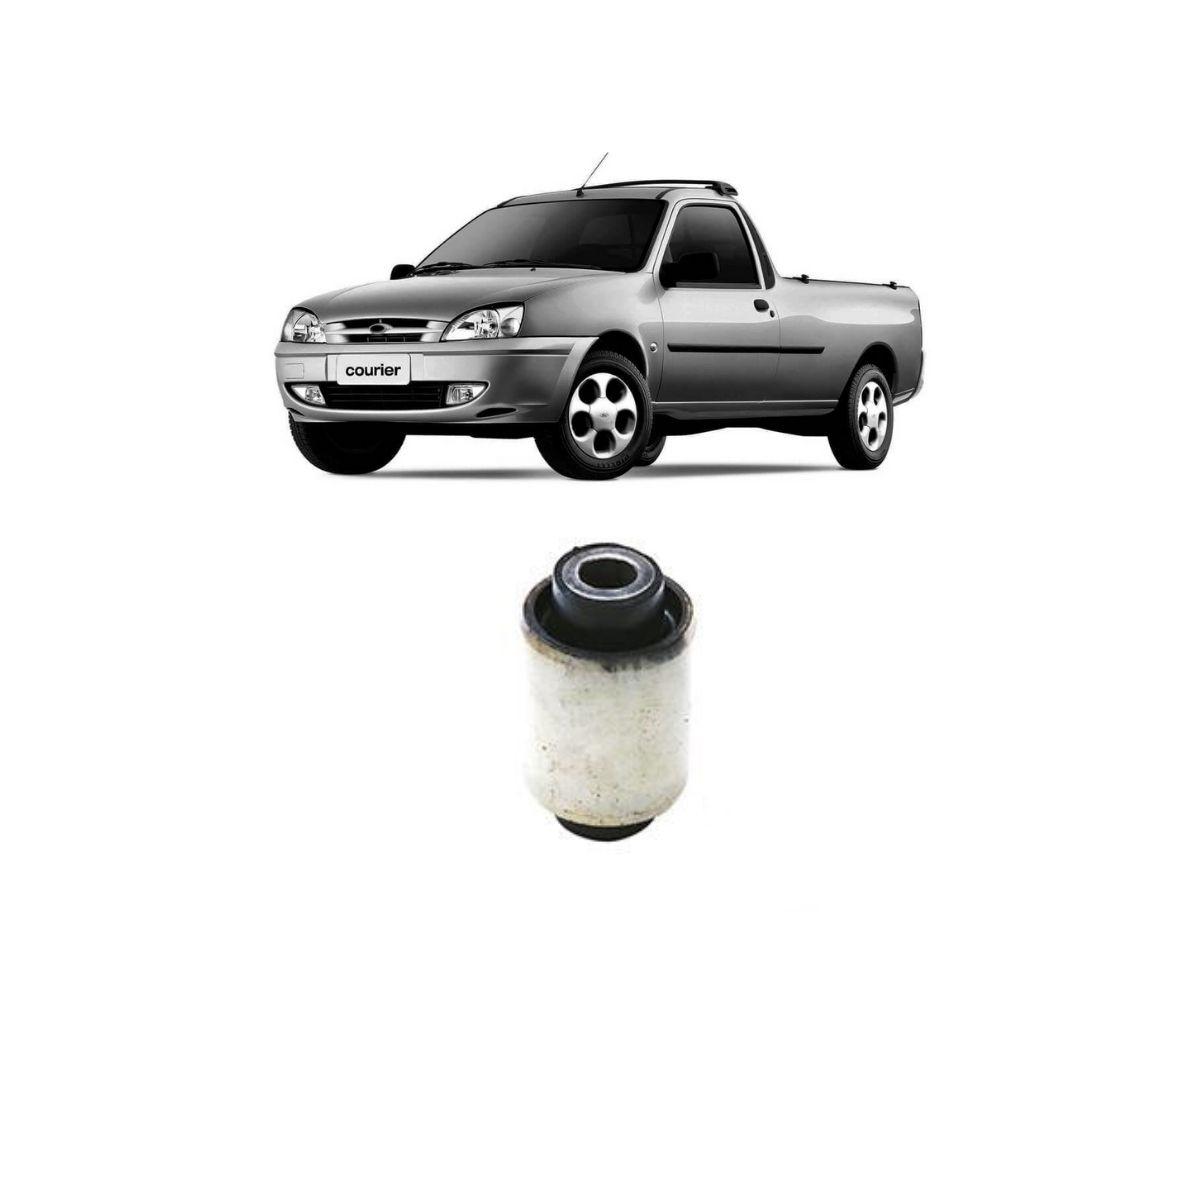 Bucha Bandeja Dianteira Ford Courier 1997/2013